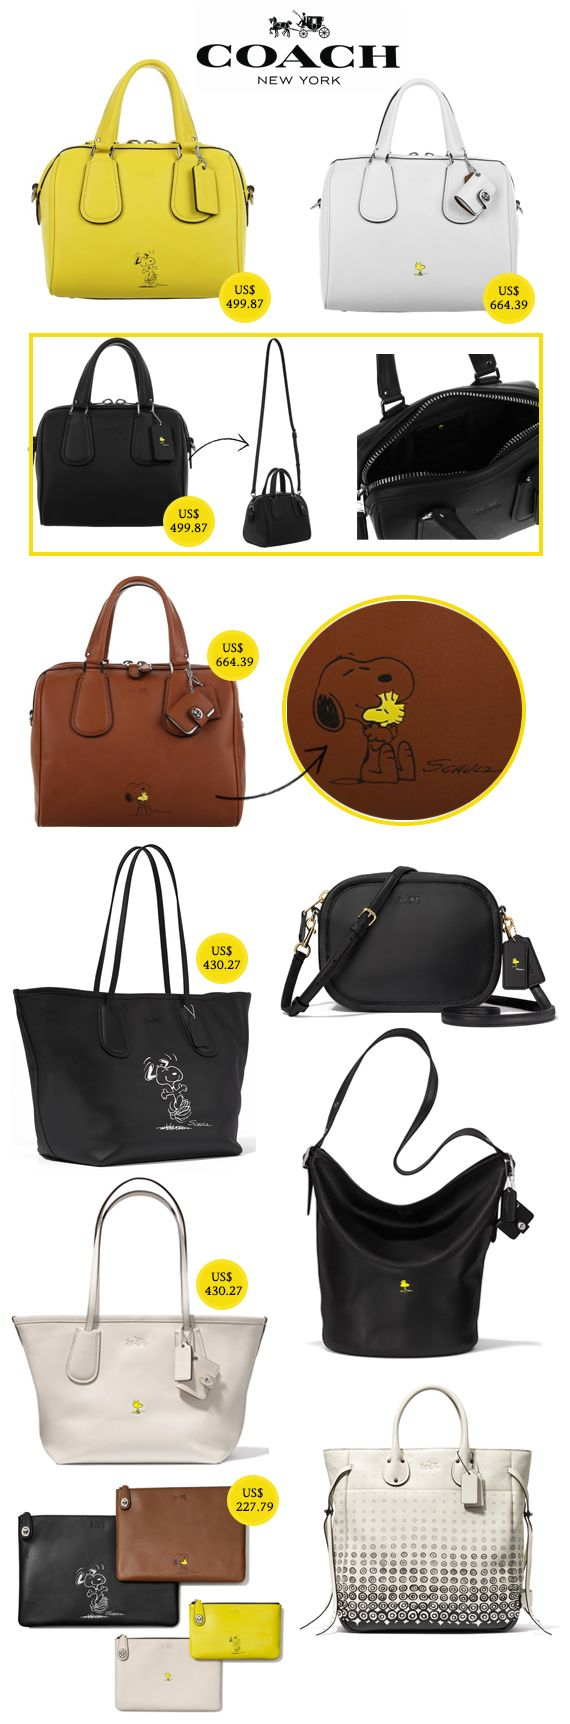 Coach + Snoopy: tem coleção de bolsas, roupas e acessórios inspirada nas tirinhas Peanuts!